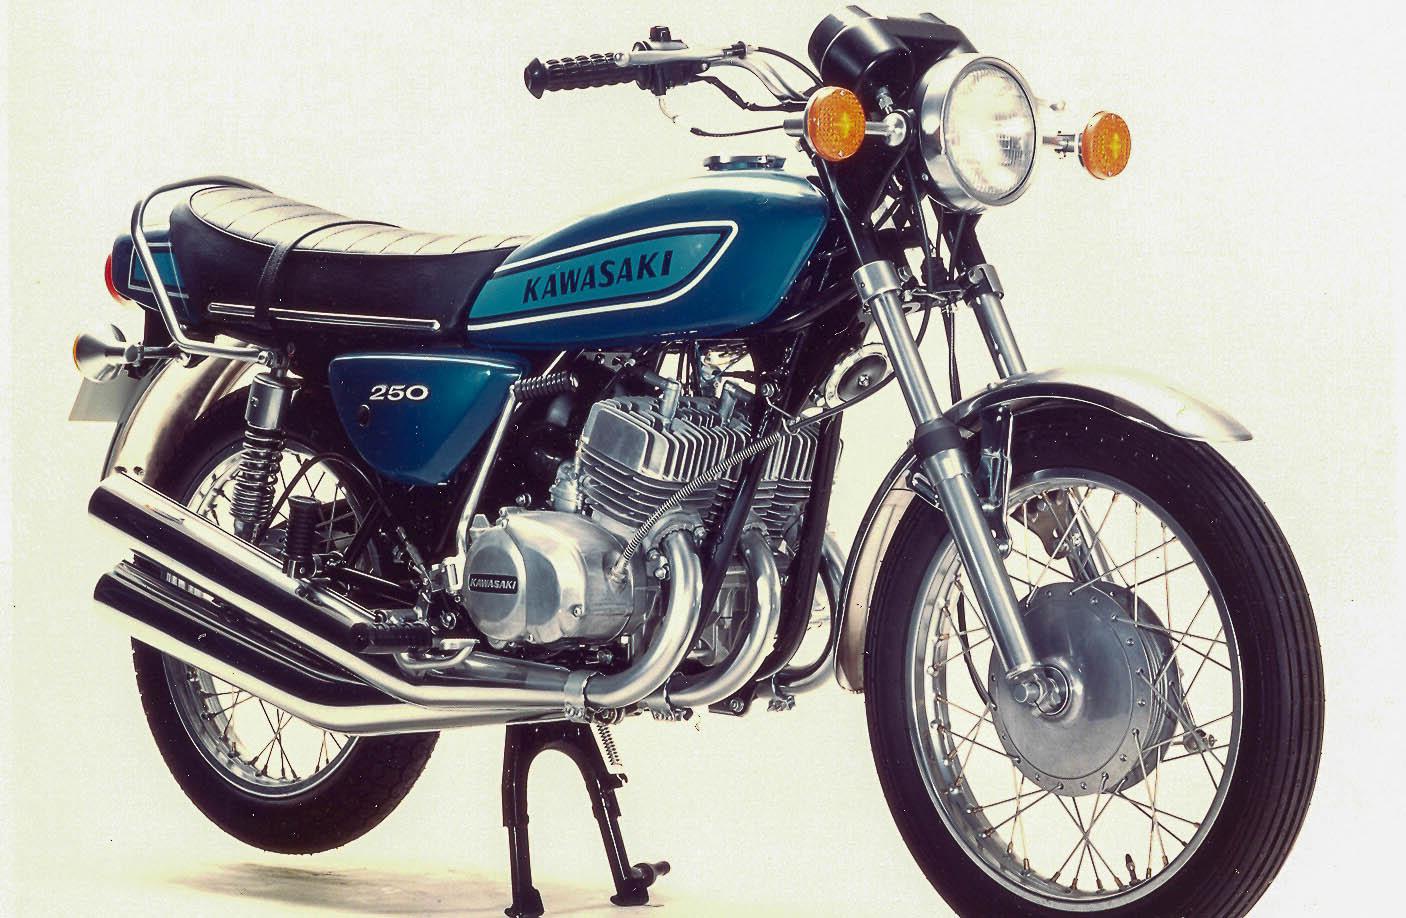 KAWASAKI 250 S1 (1971-1976)